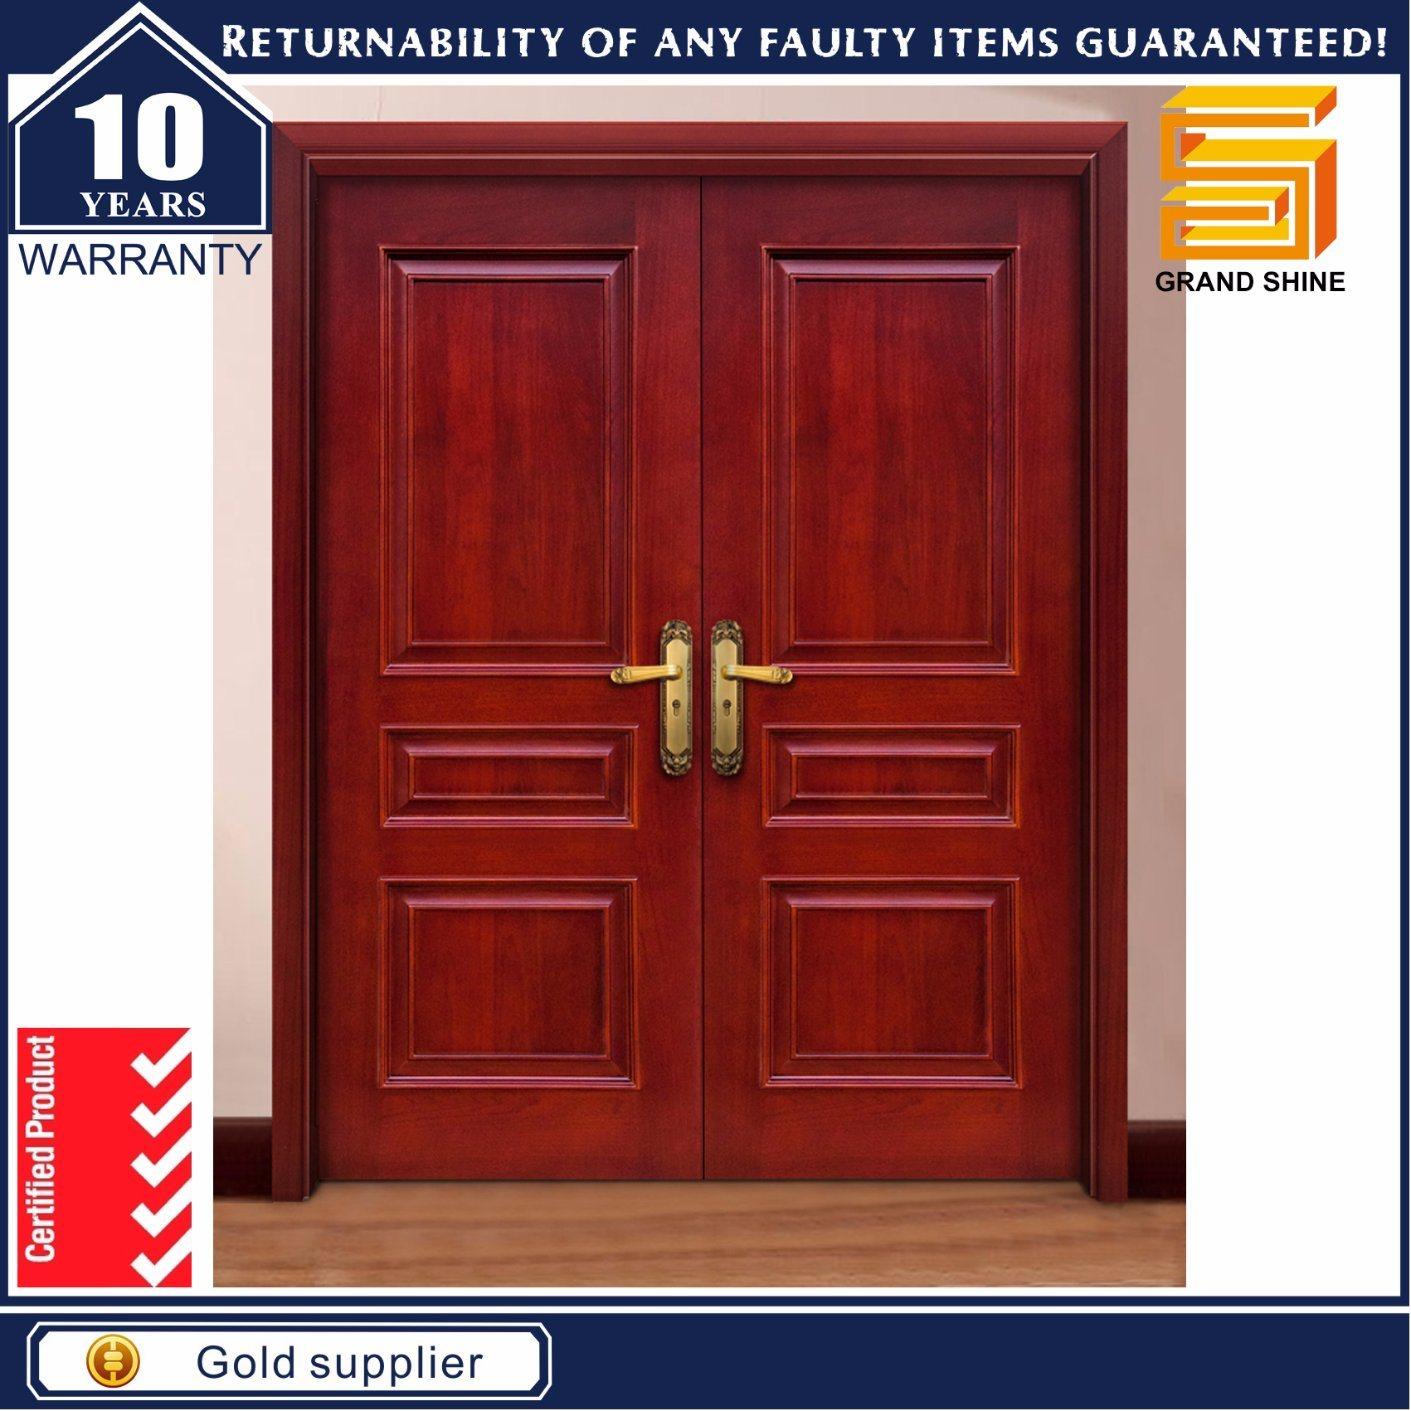 Hot Item Solid Wooden Double Panel Entrance Main Door Design